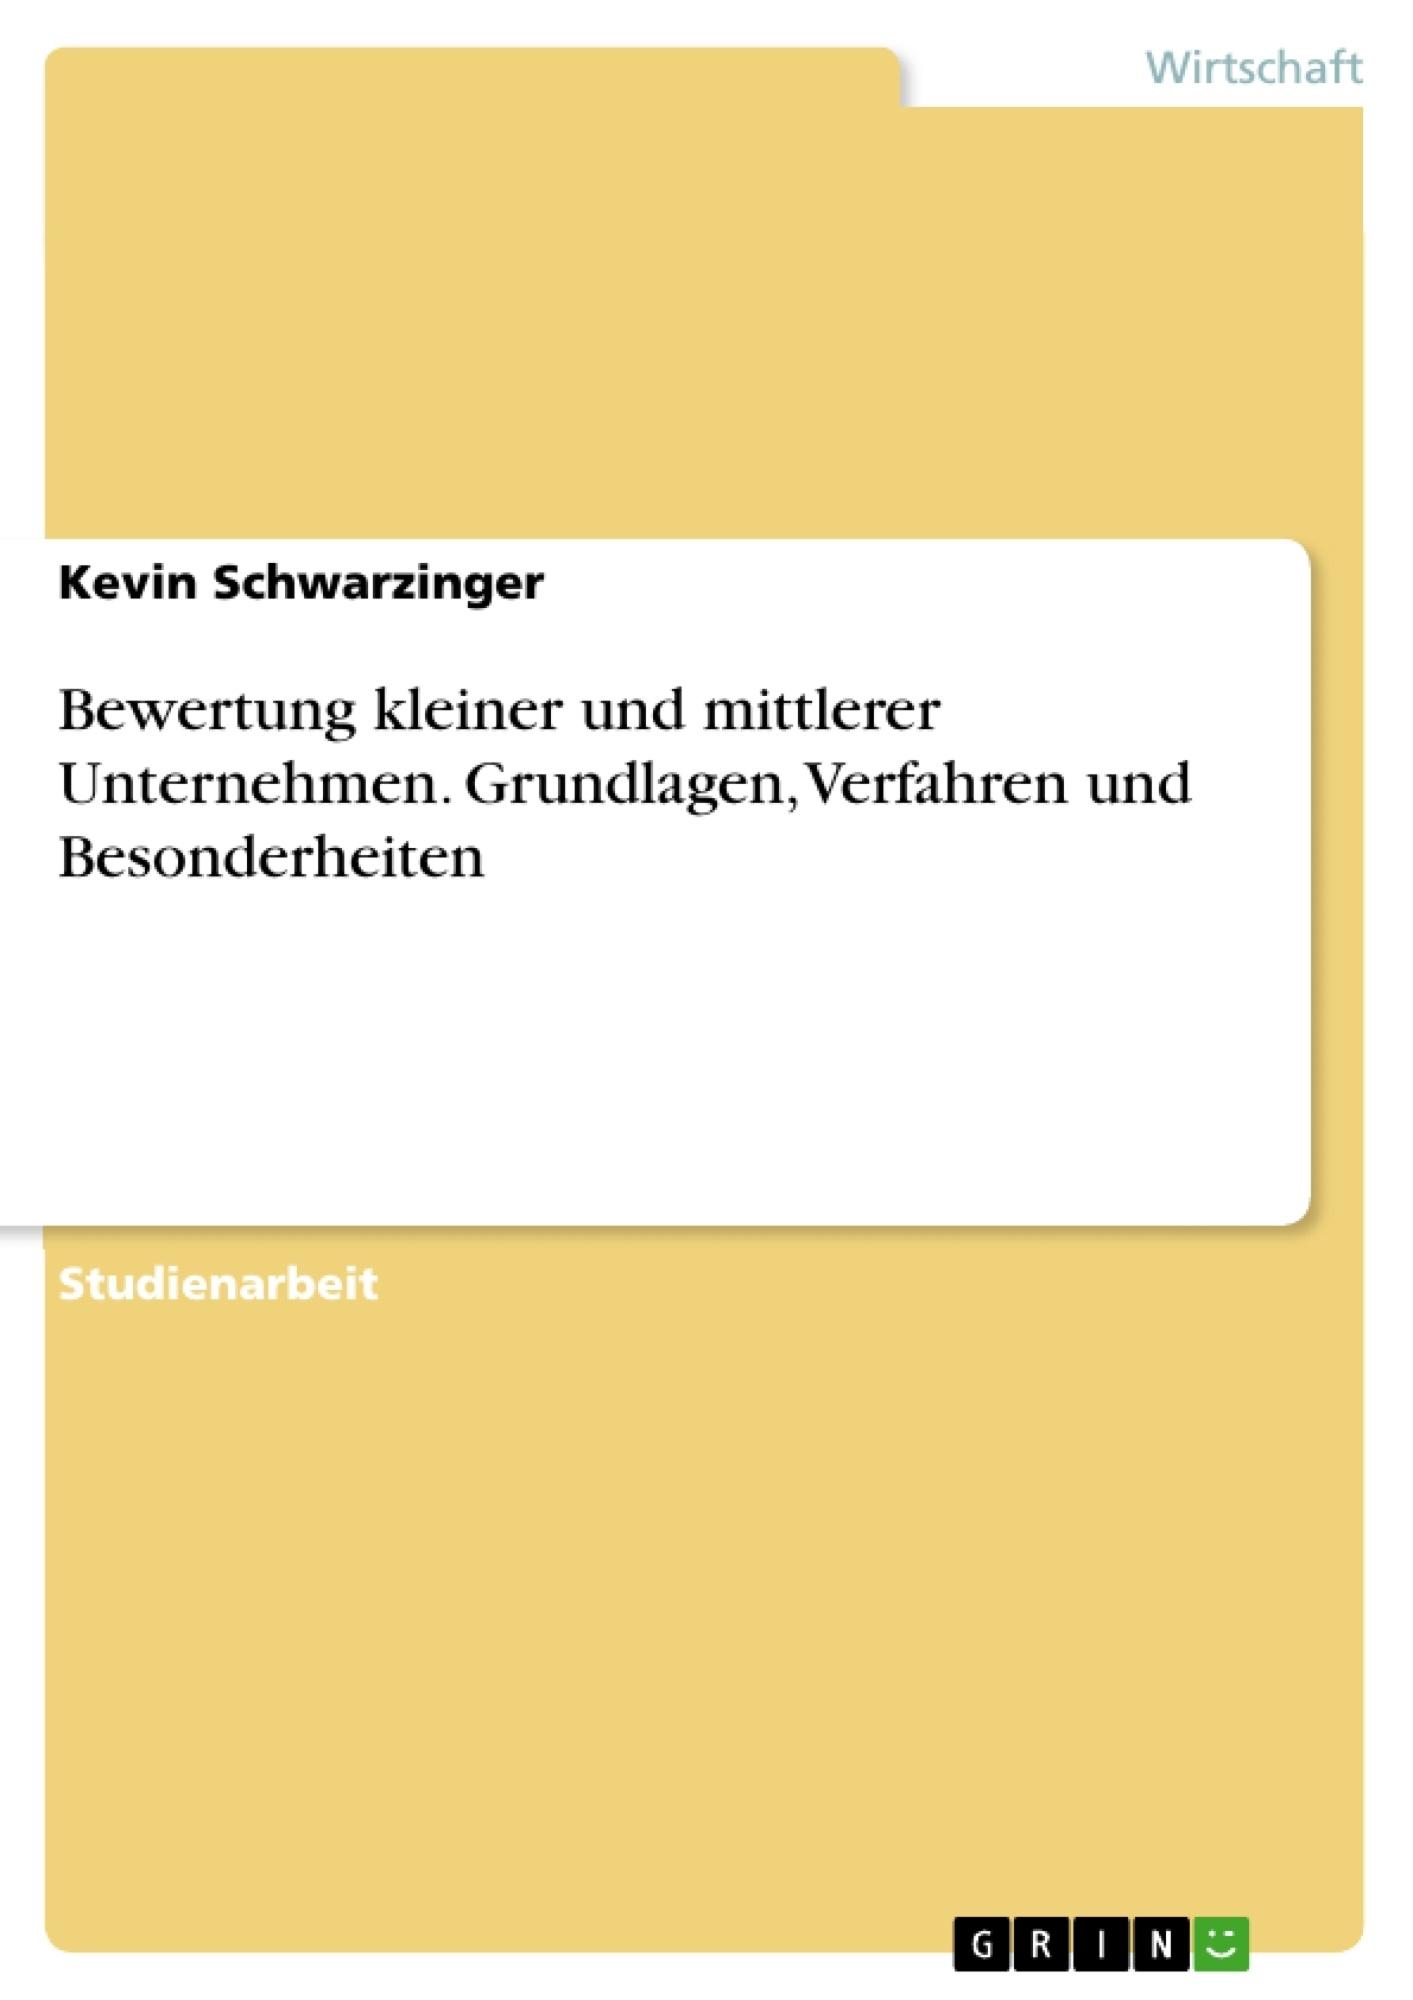 Titel: Bewertung kleiner und mittlerer Unternehmen. Grundlagen, Verfahren und Besonderheiten